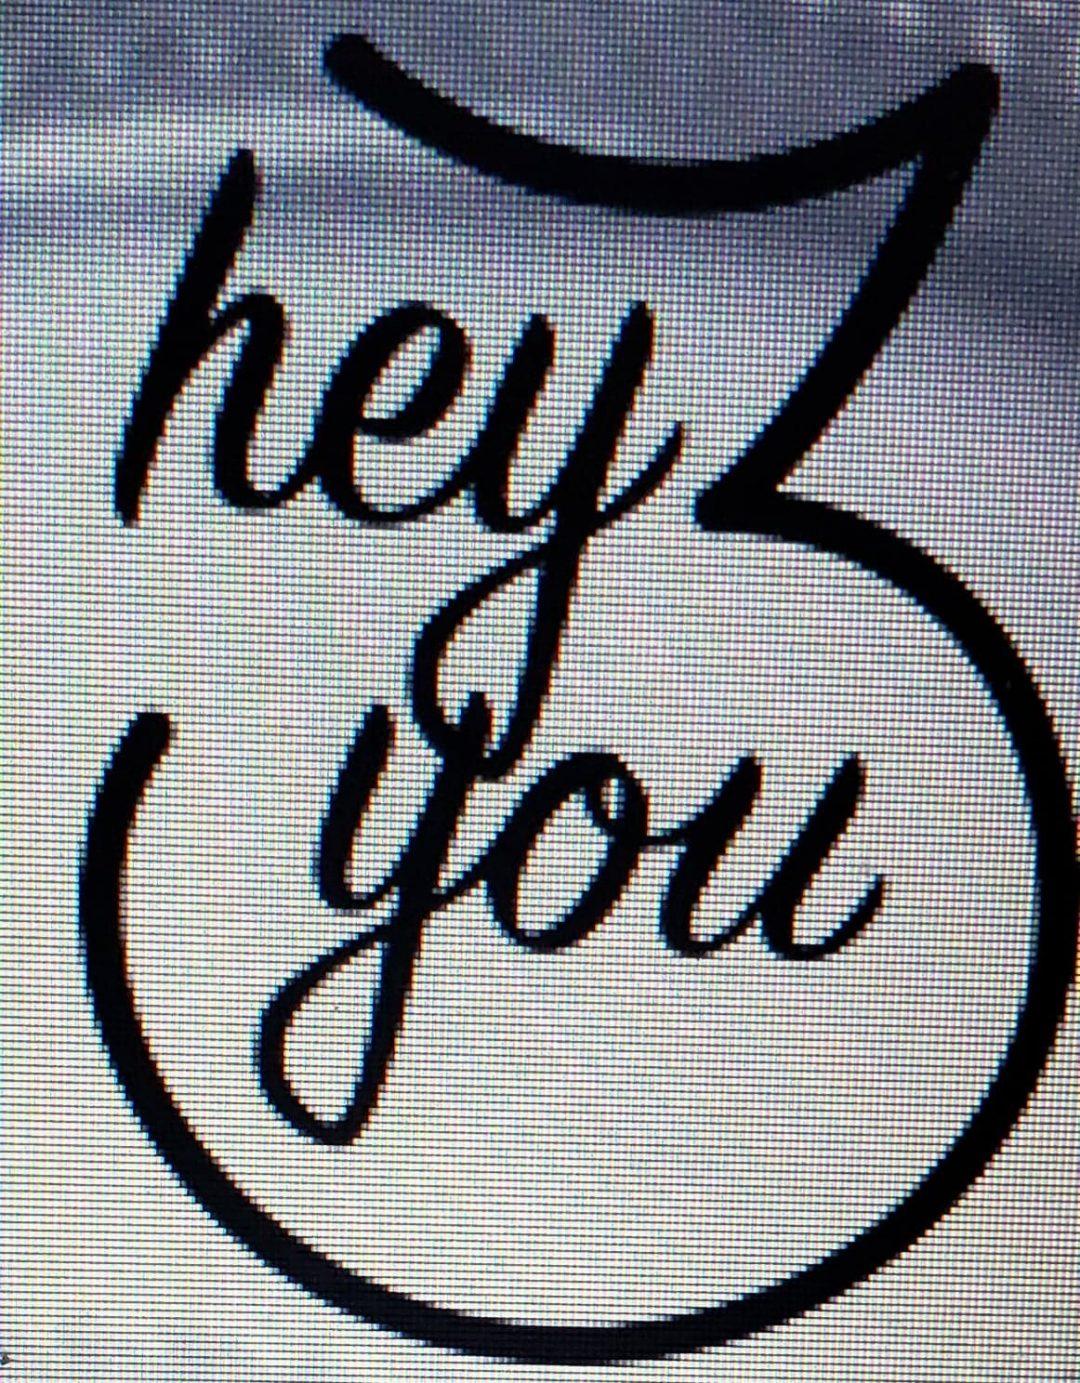 HeyYou3